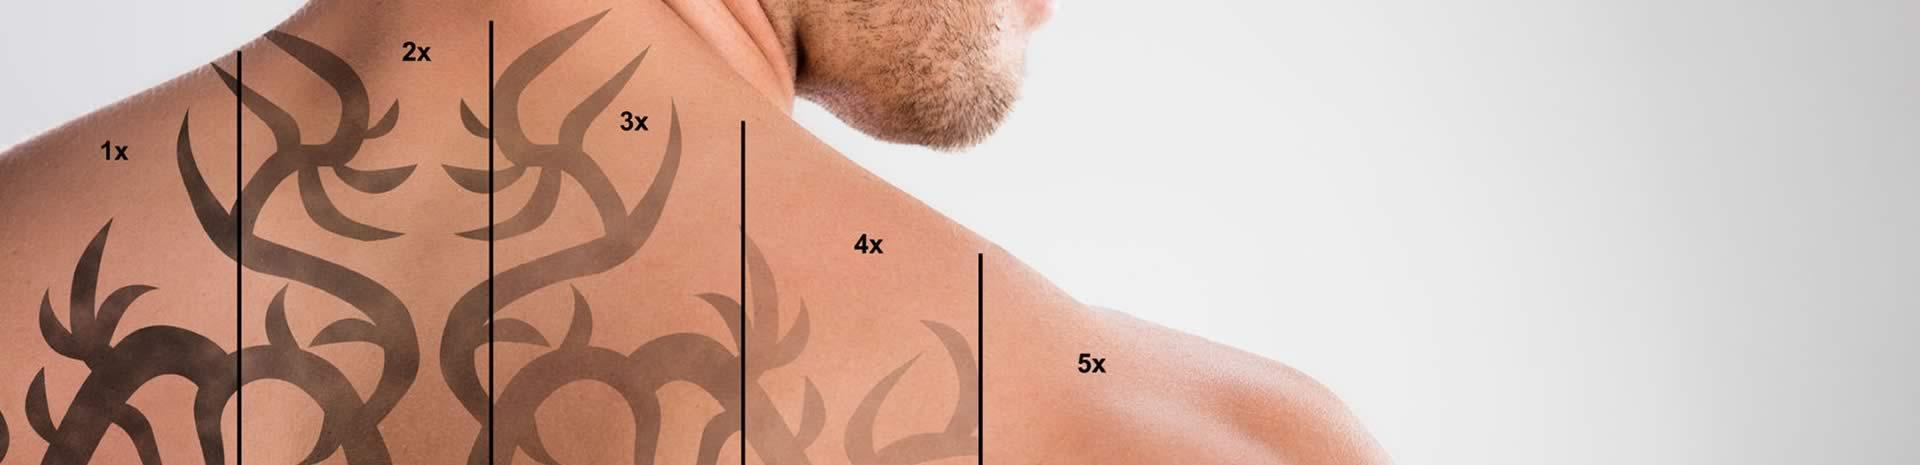 Eliminación de tatuajes: Opciones, cifras y resultados